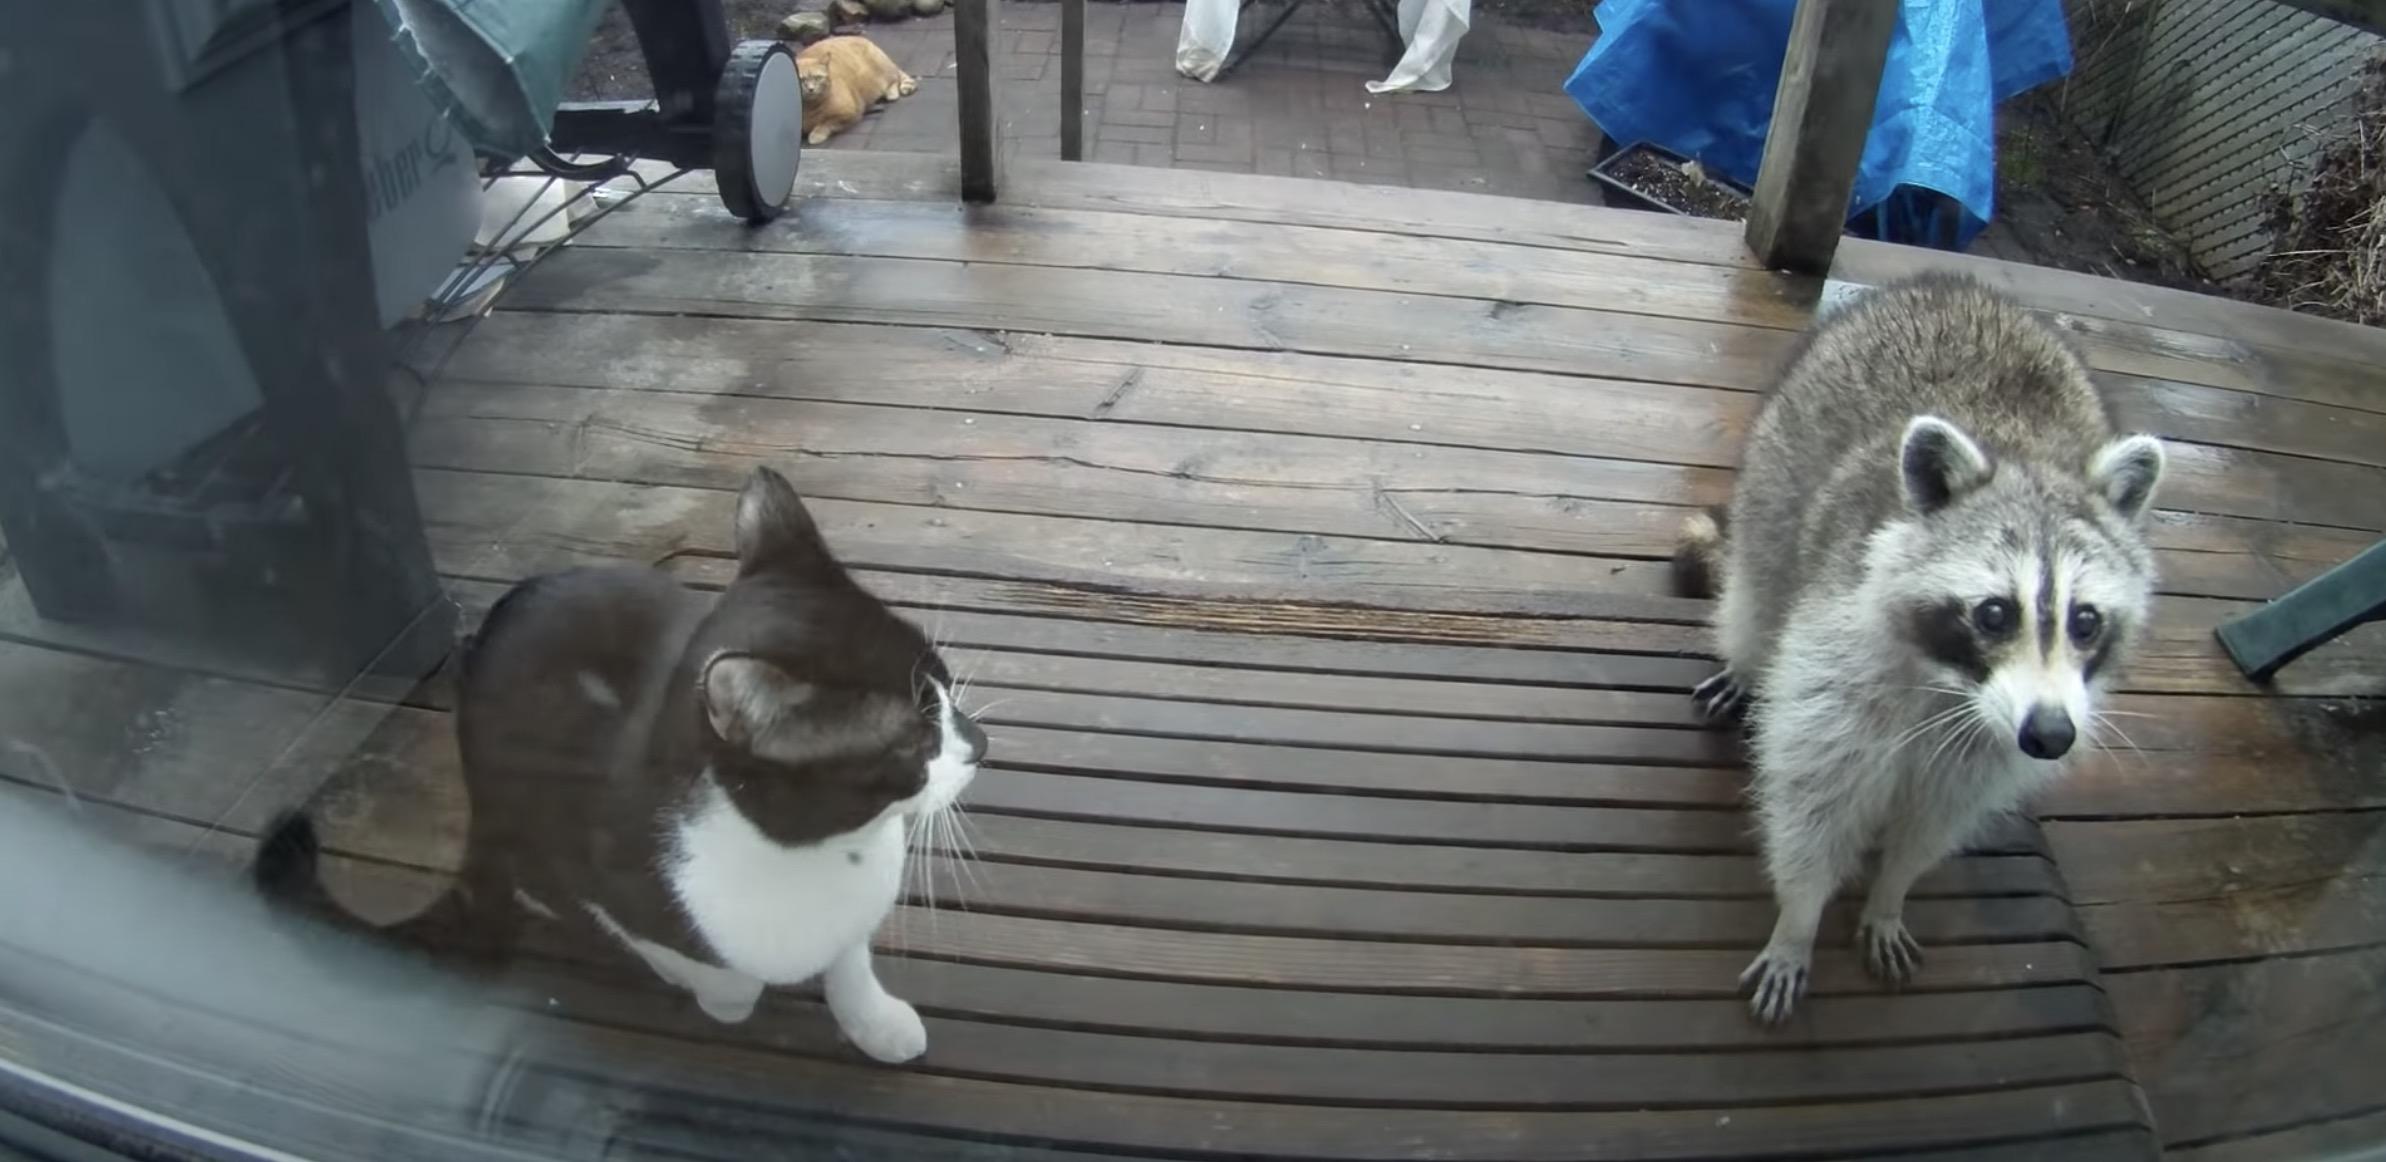 アライグマのかわいさ借りてドア開けた猫、挨拶だけして中には入れず